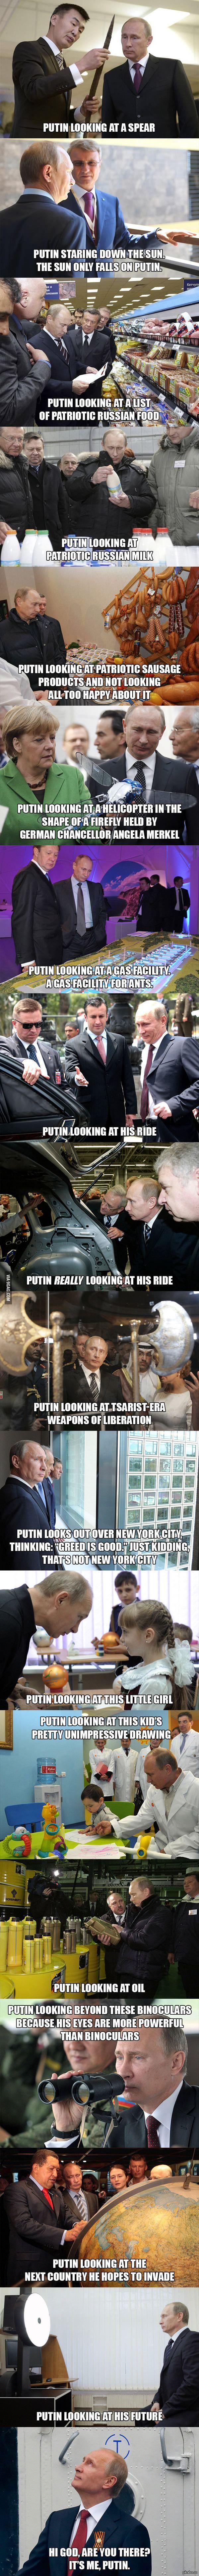 Putin Looking at Things